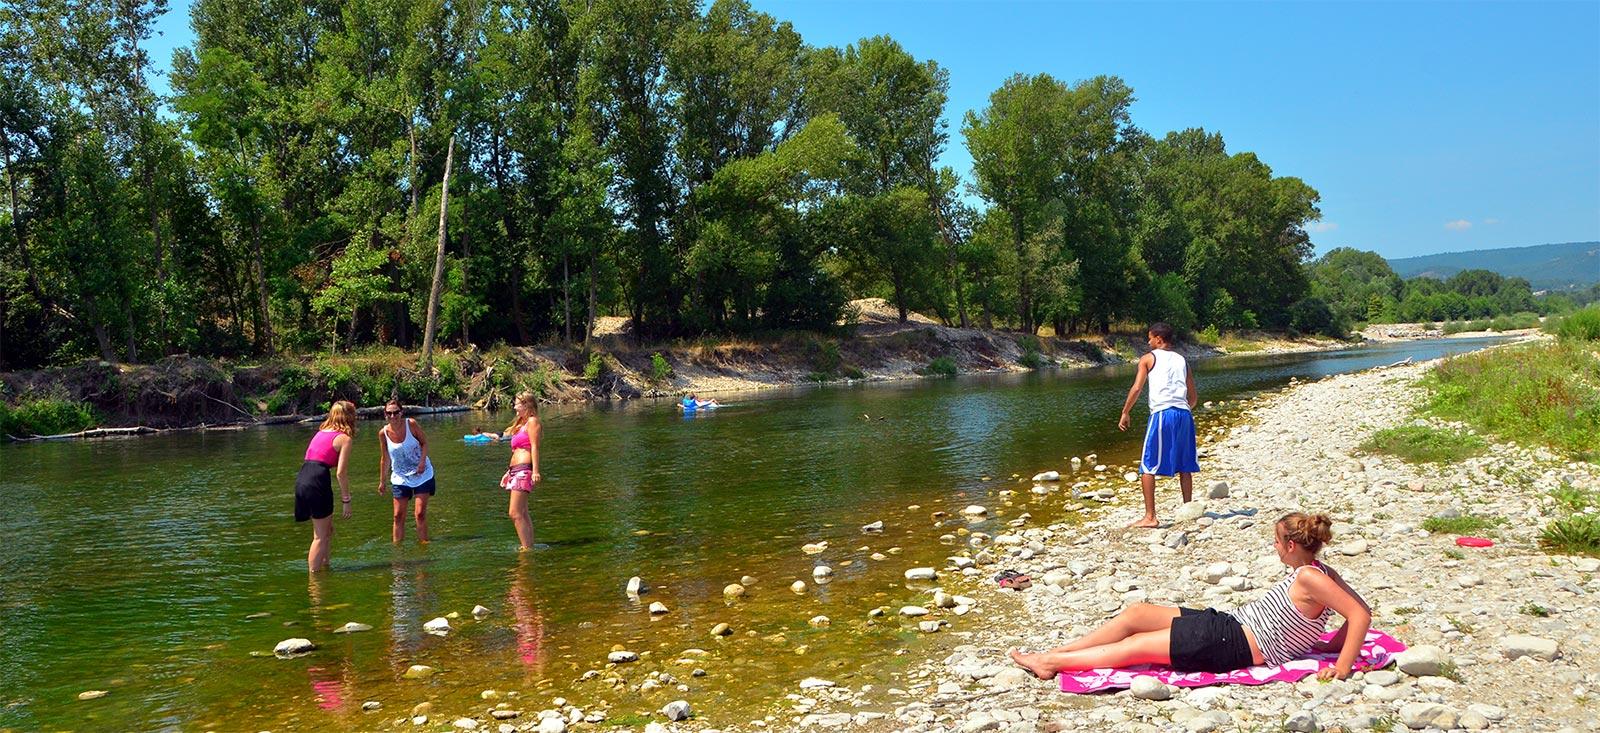 camping bord riviere gard